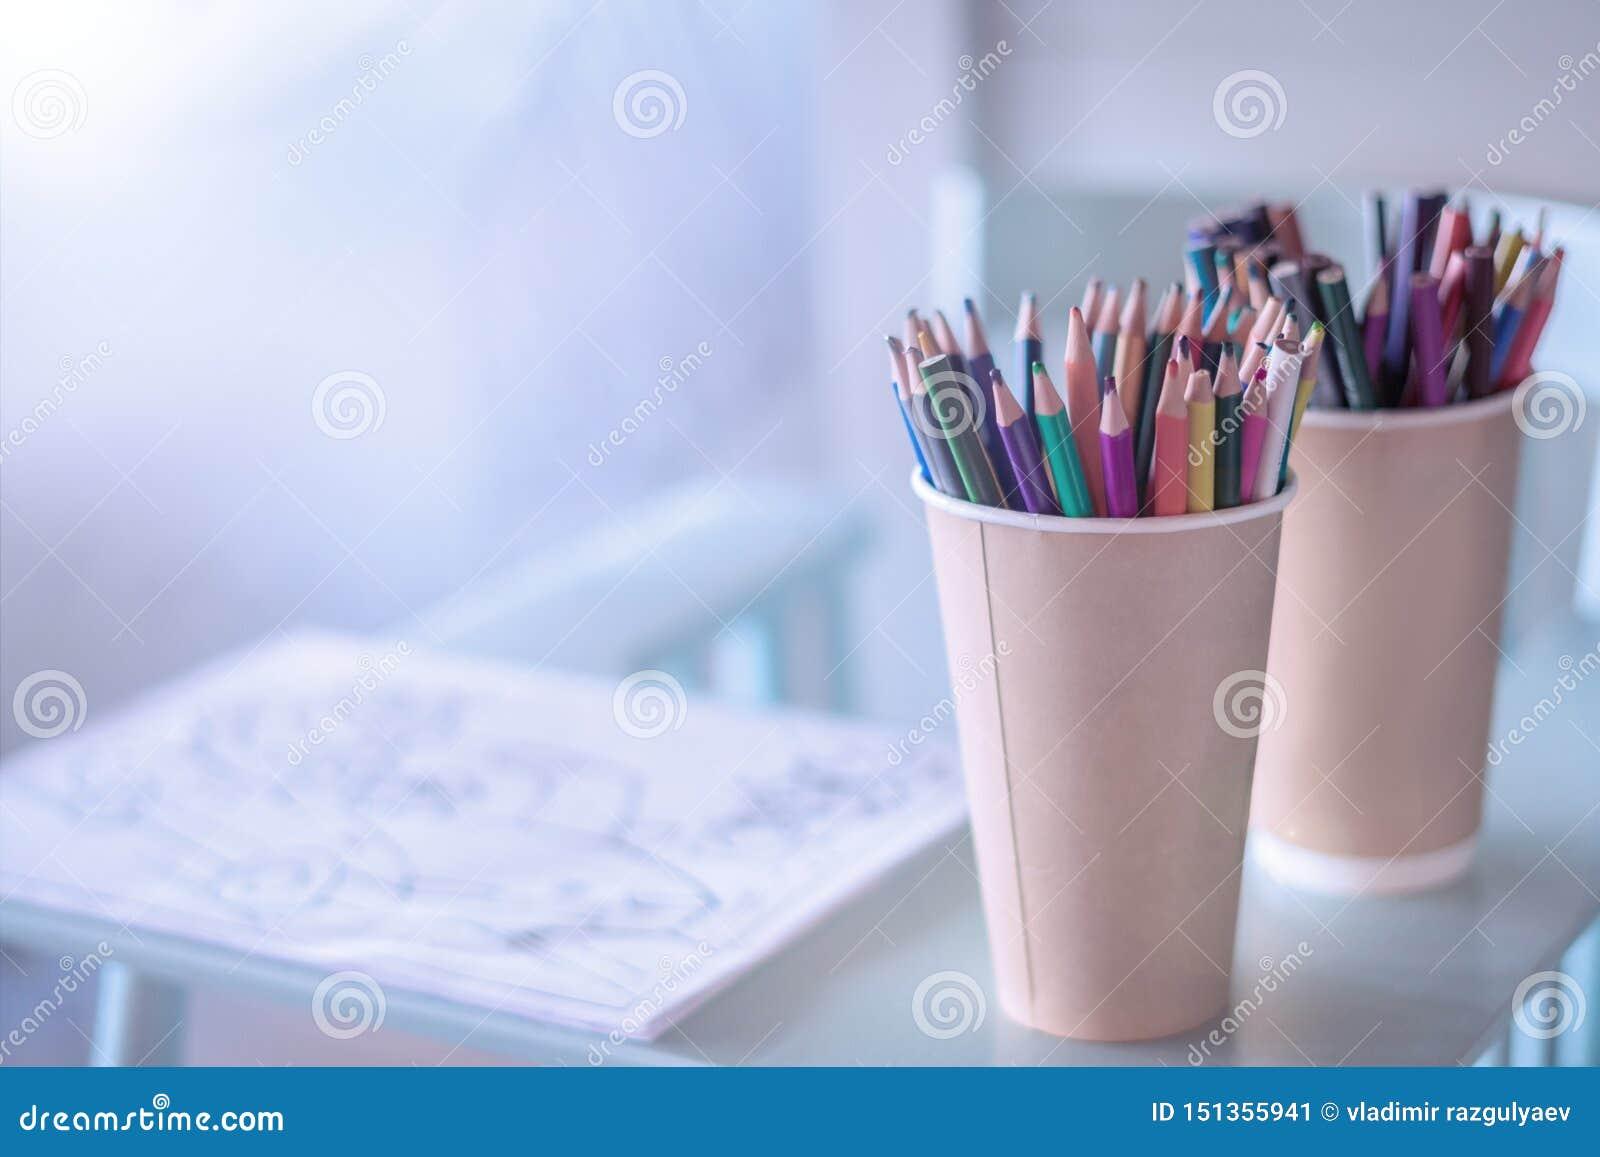 Stapel farbige Bleistifte in einem Glas auf h?lzernem Hintergrund, Draufsicht Ein gemütlicher Platz, zum für Kinder zu zeichnen